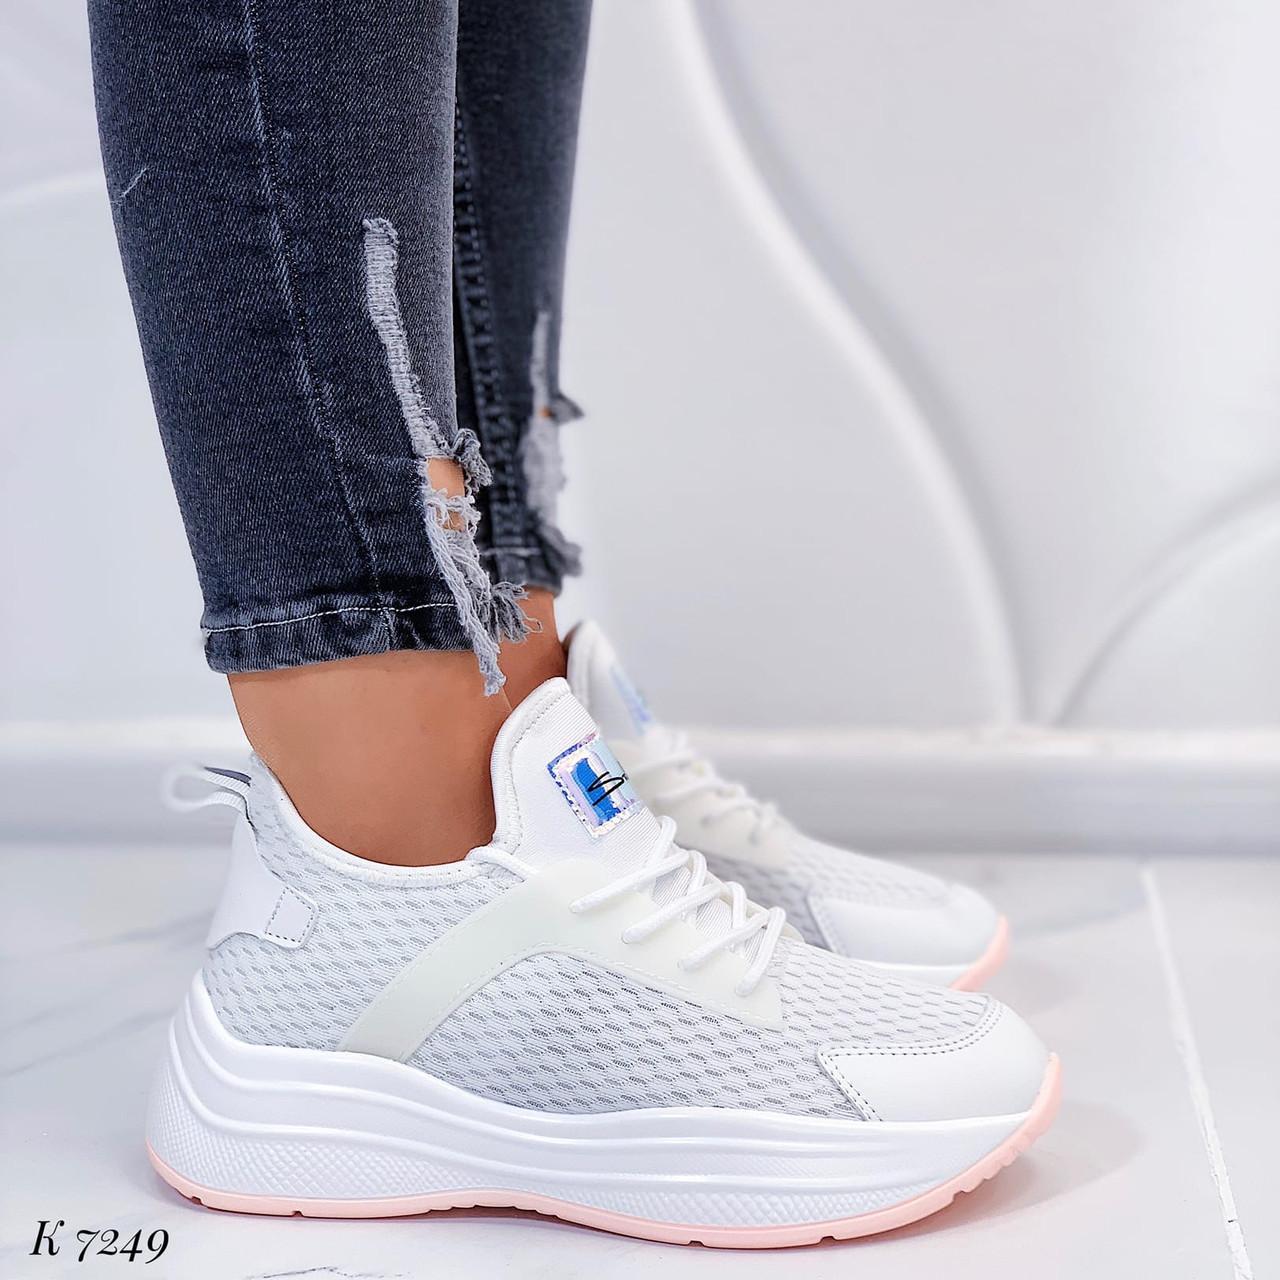 ТОЛЬКО 37, 39 р! Женские кроссовки белые текстиль+ эко кожа  на платформе